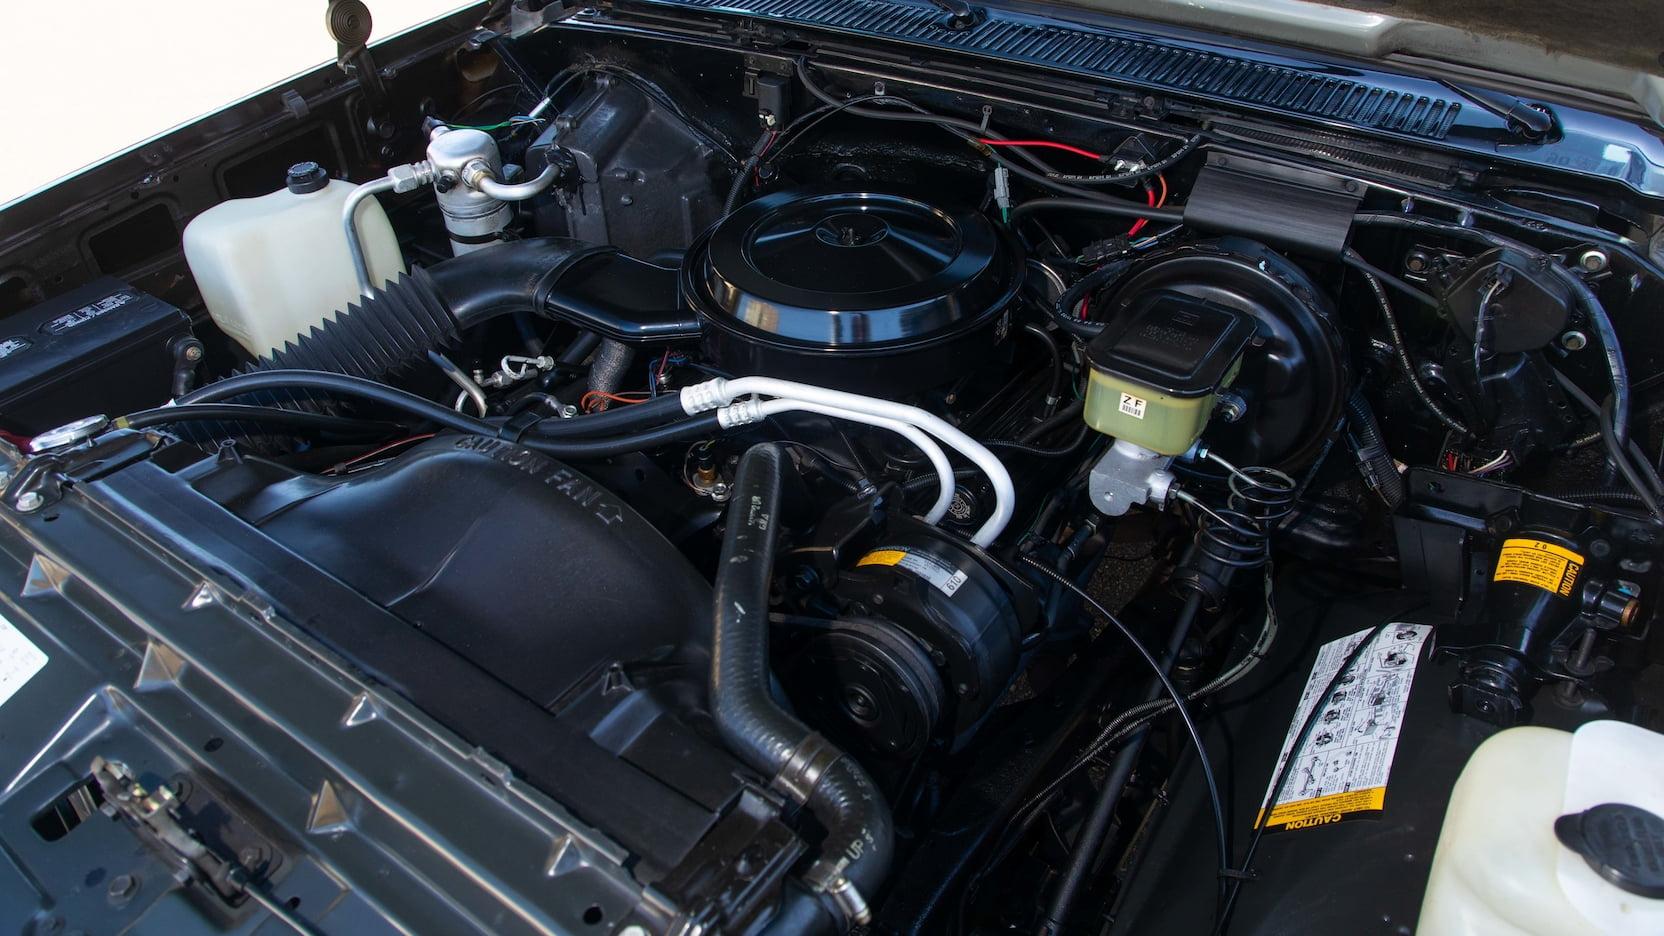 1969 Chevrolet K5 Blazer Engine